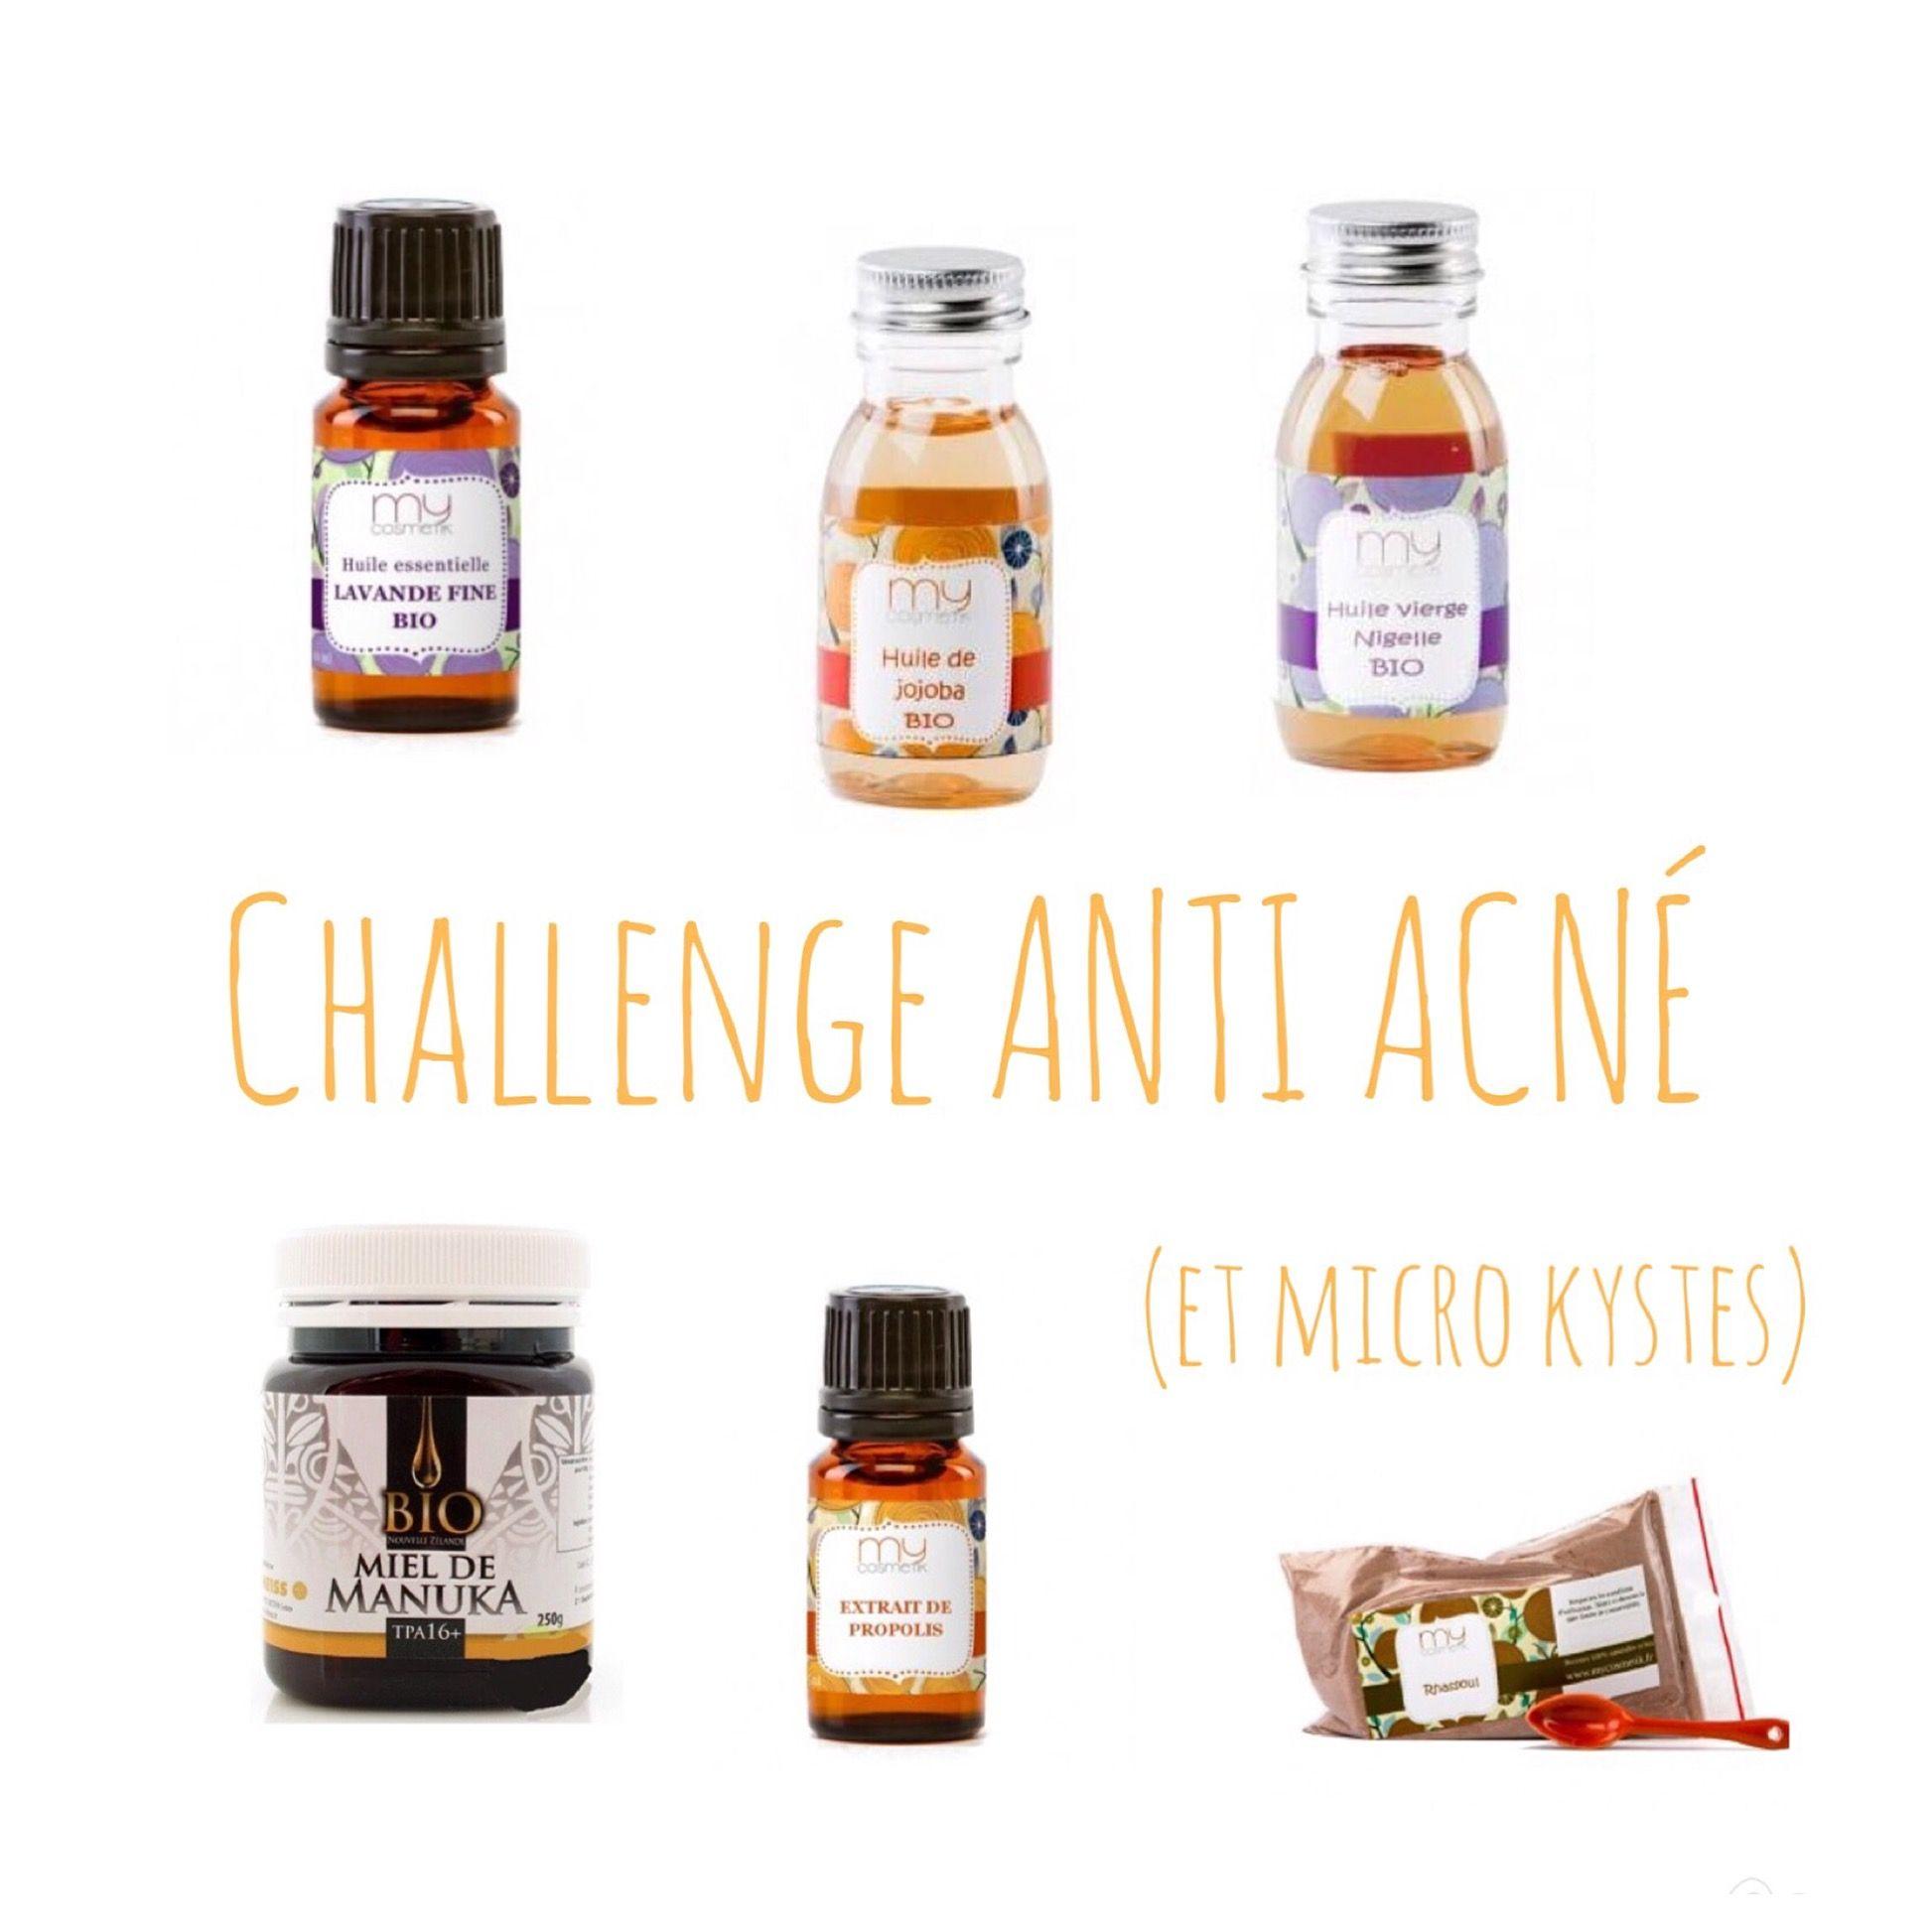 Nouveau challenge anti acn la routine soins du corps acne serum homemade acne - Salon decorer a lire avant de commencer ...